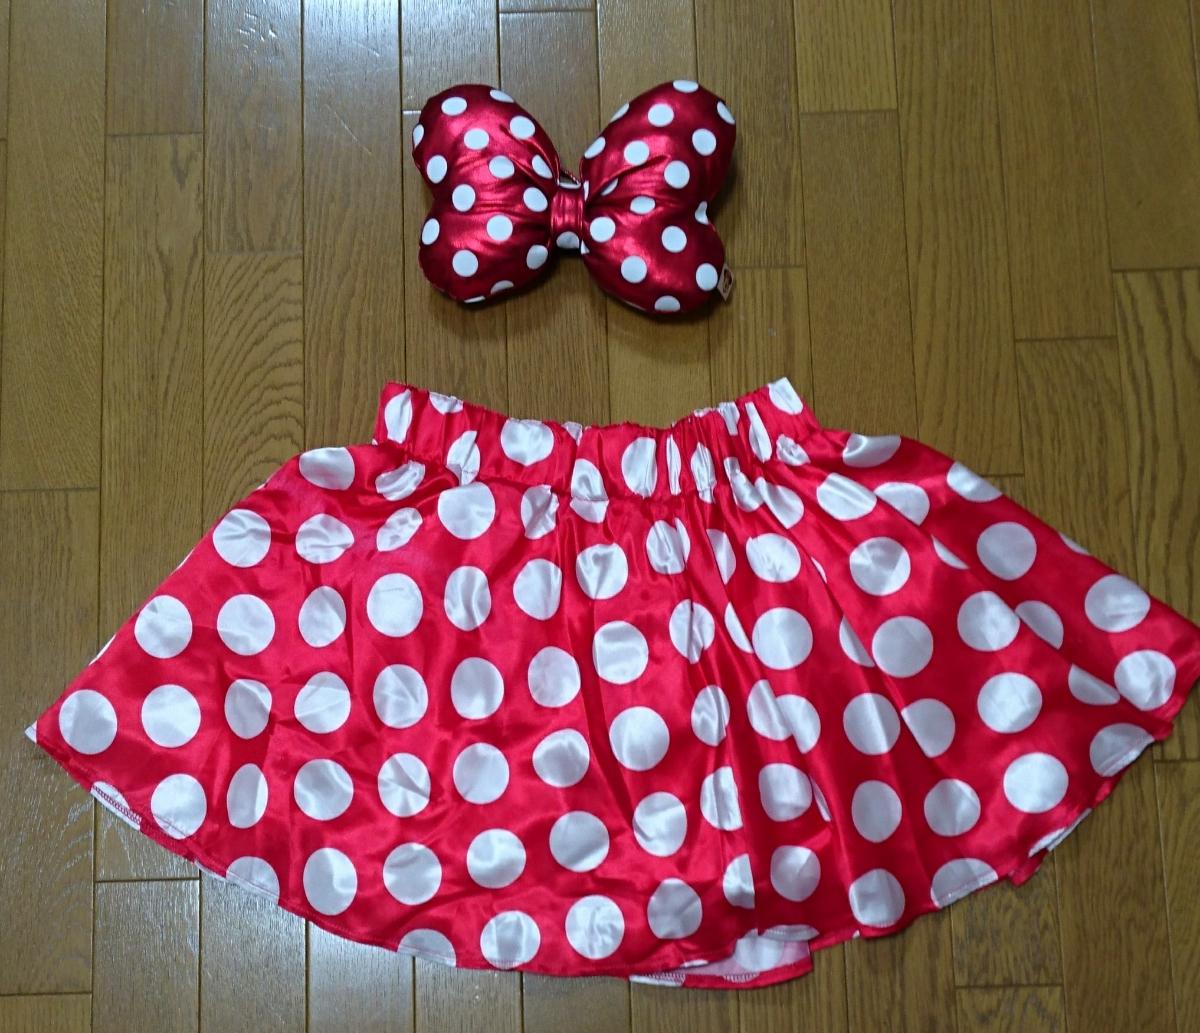 【美品】ハロウィン コスプレ衣装 ディズニー ミニー ディズニーグッズの画像